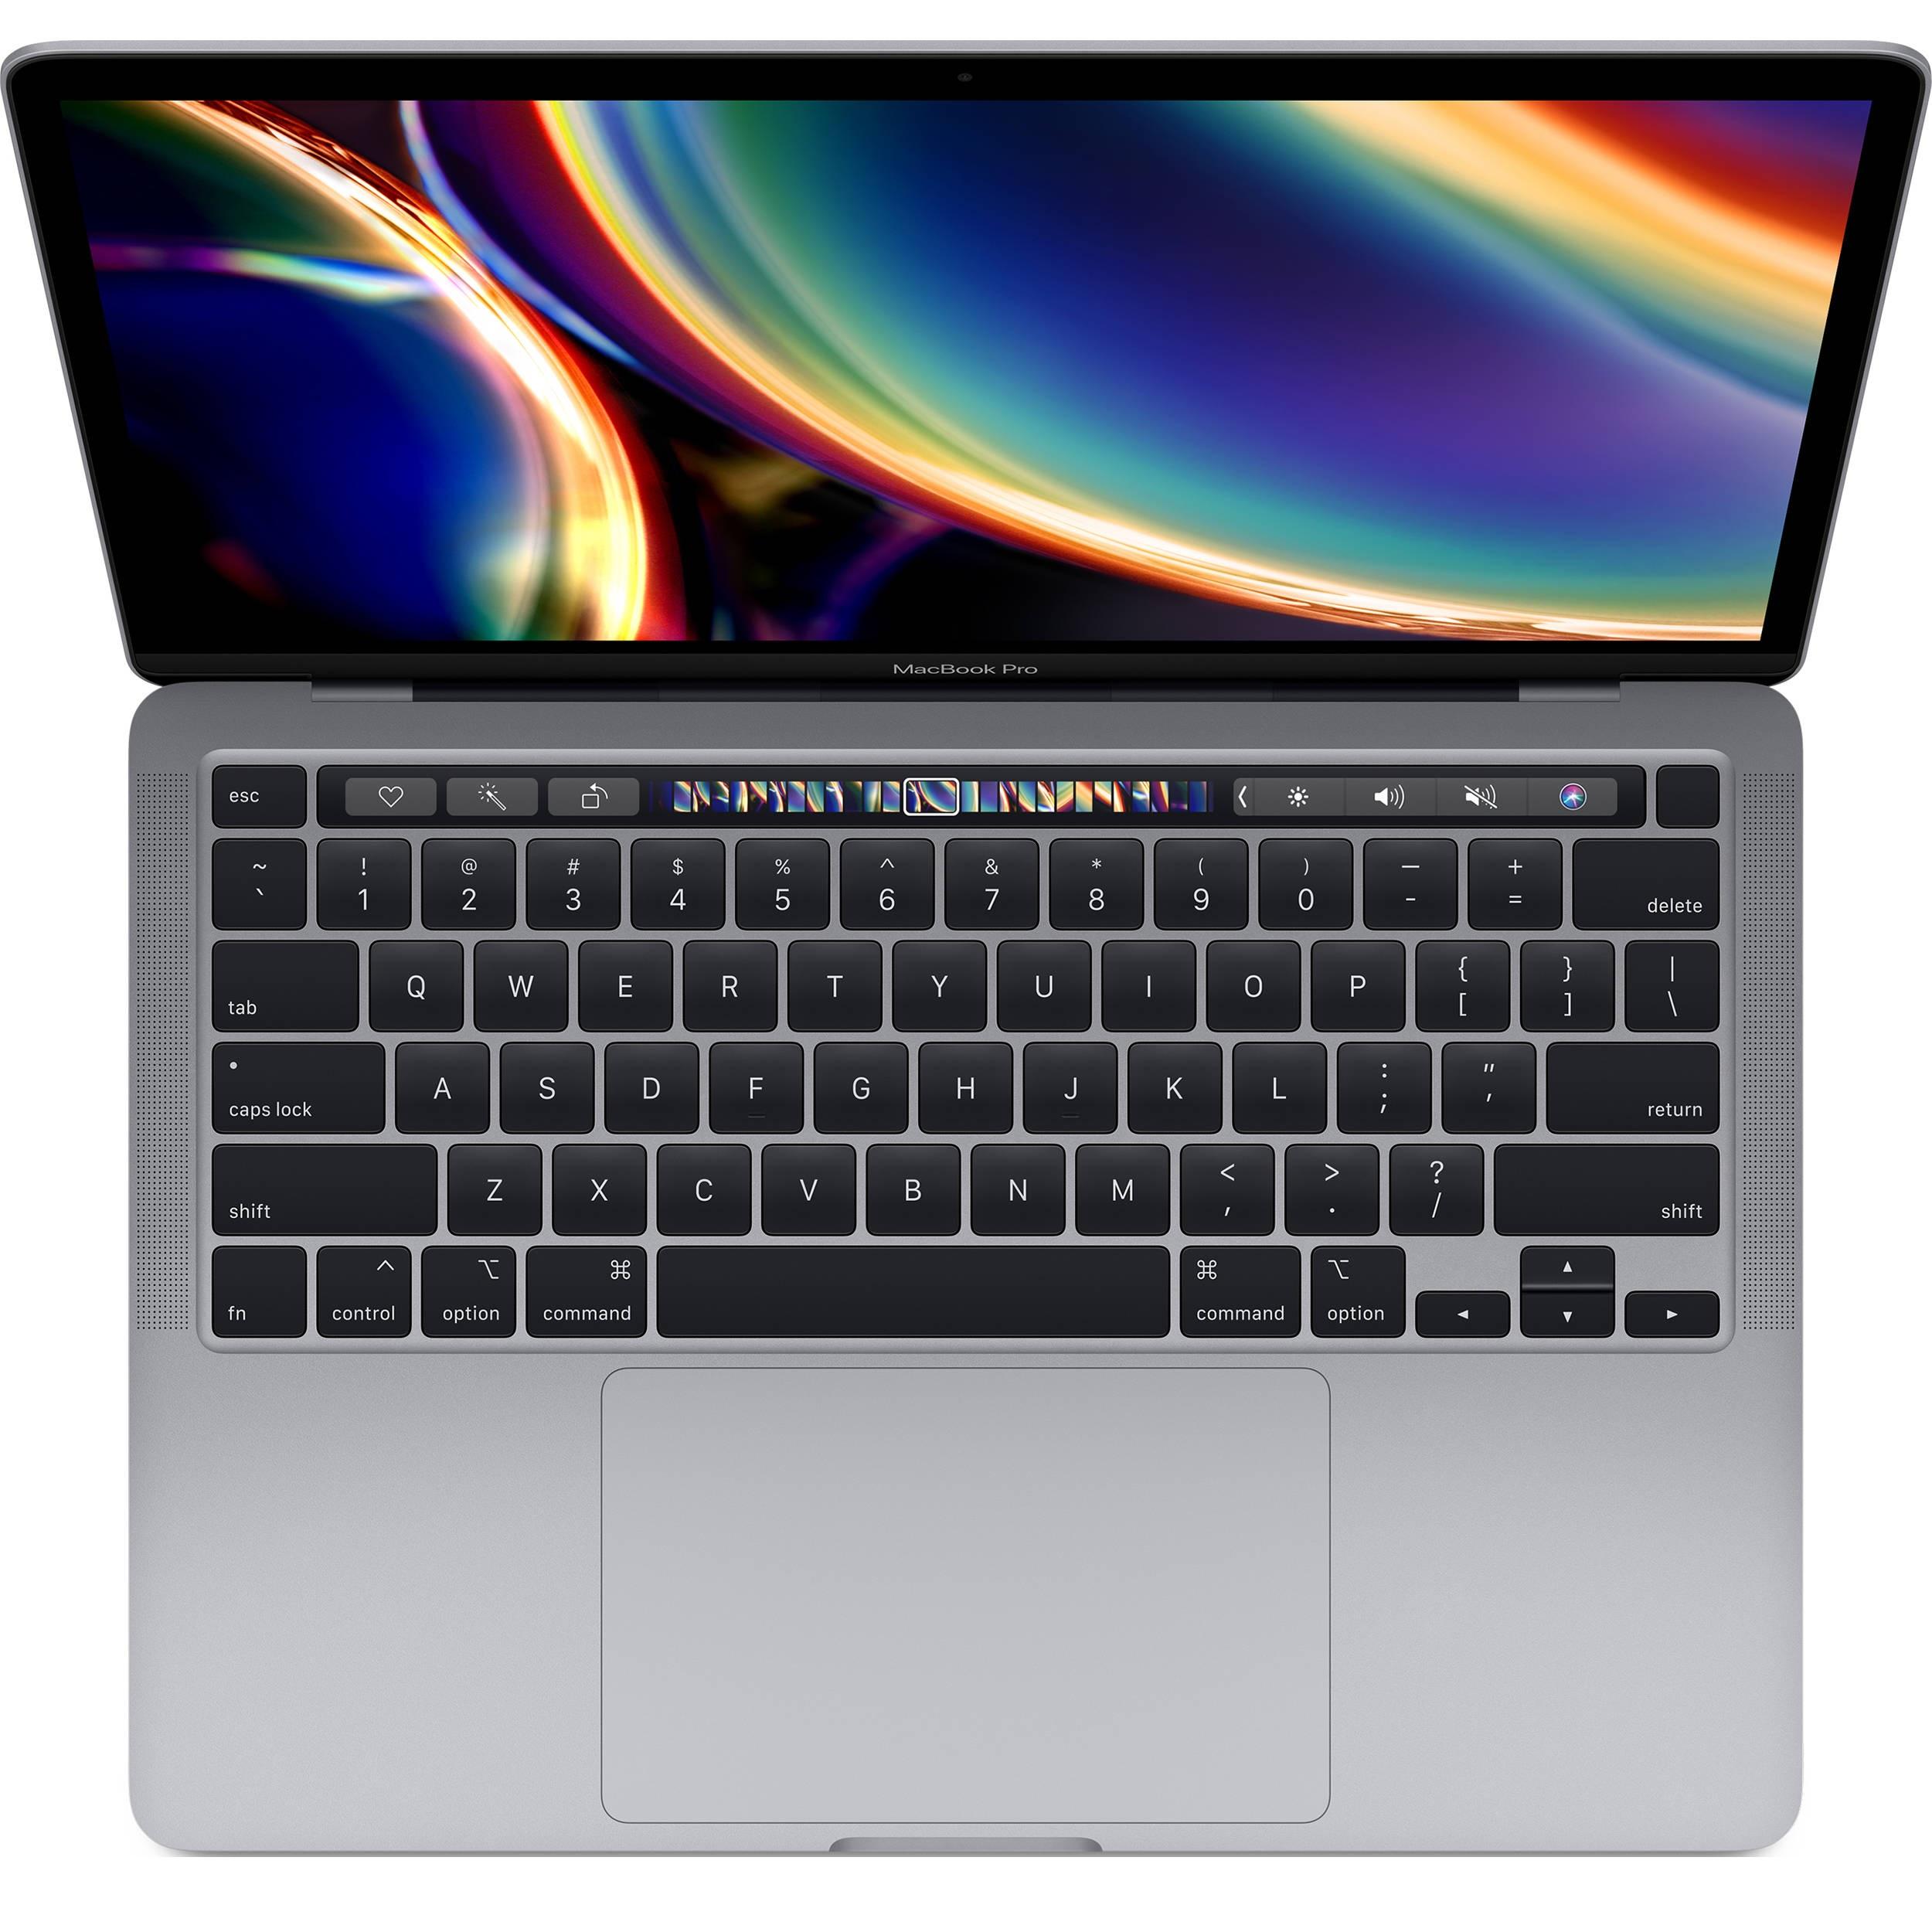 لپ تاپ 13 اینچی اپل مدل MacBook Pro MXK32 2020 همراه با تاچ بار